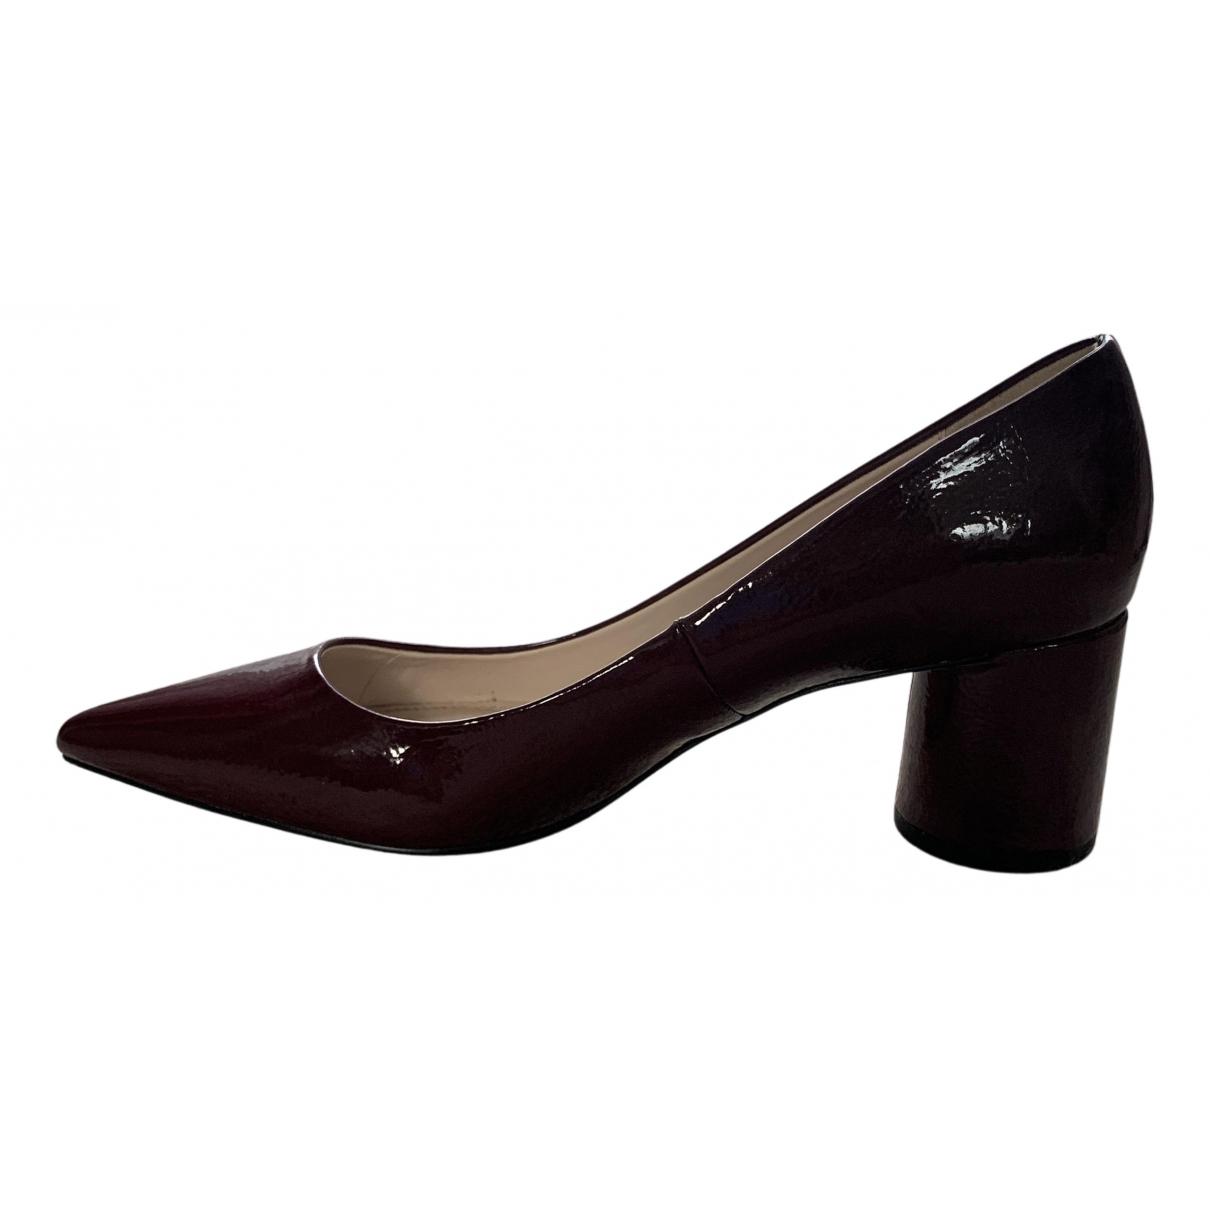 Zara - Escarpins   pour femme en cuir verni - bordeaux